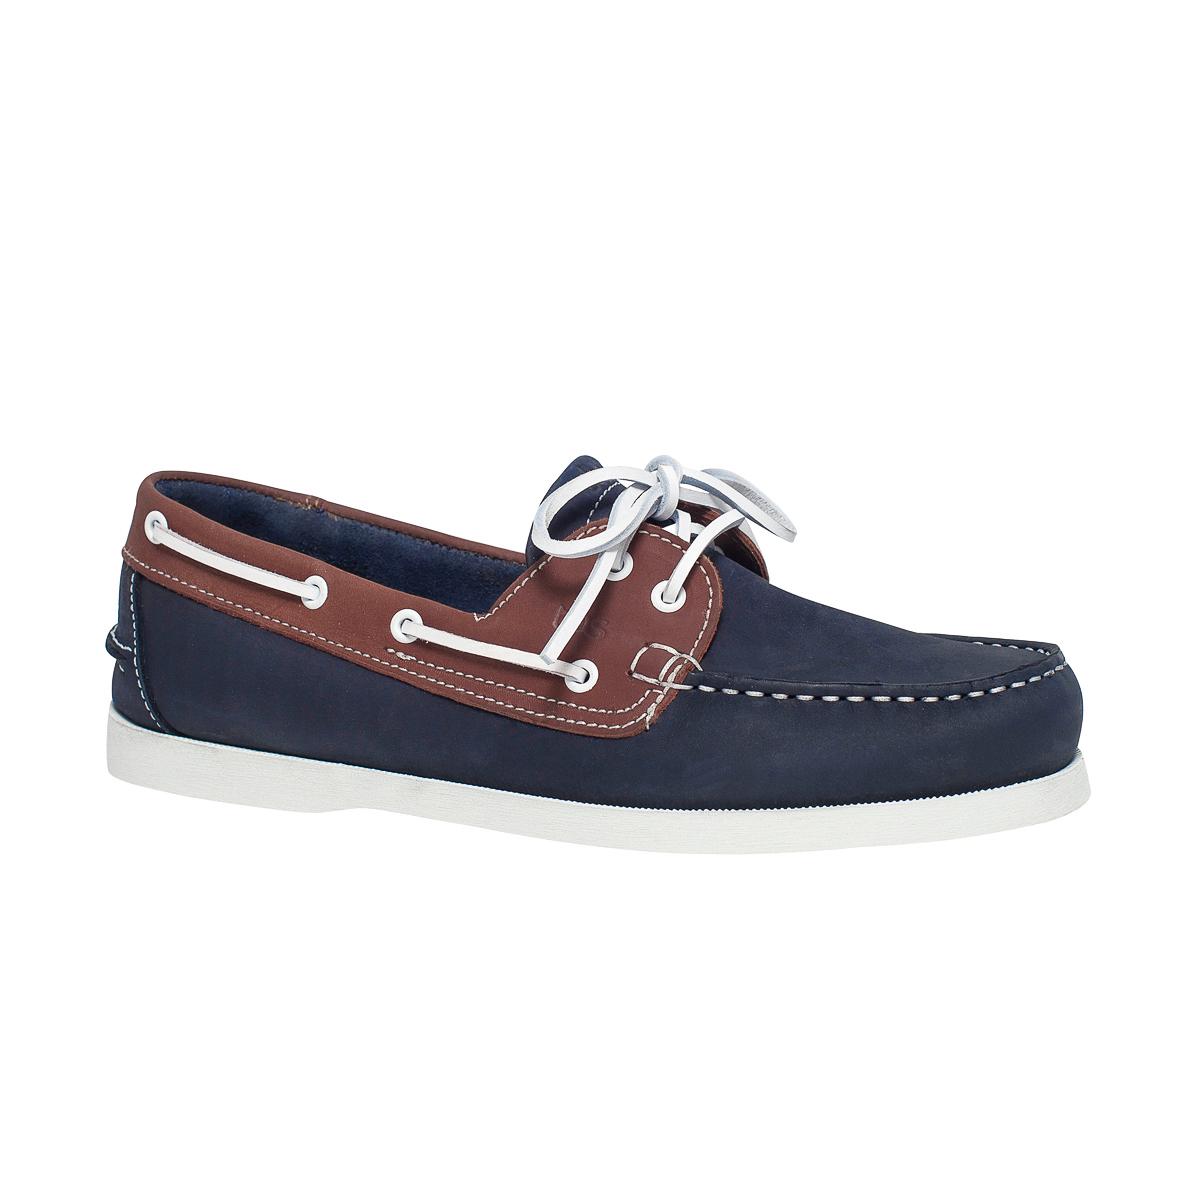 Топсайдеры мужские. PHENIS-5852PHENIS-5852Стильные мужские ботинки, комфортно и уверенно сидят на ноге, мысок прострочен, по бокам модель украшена декоративным шнурком. Верх модели регулируется шнуровкой.